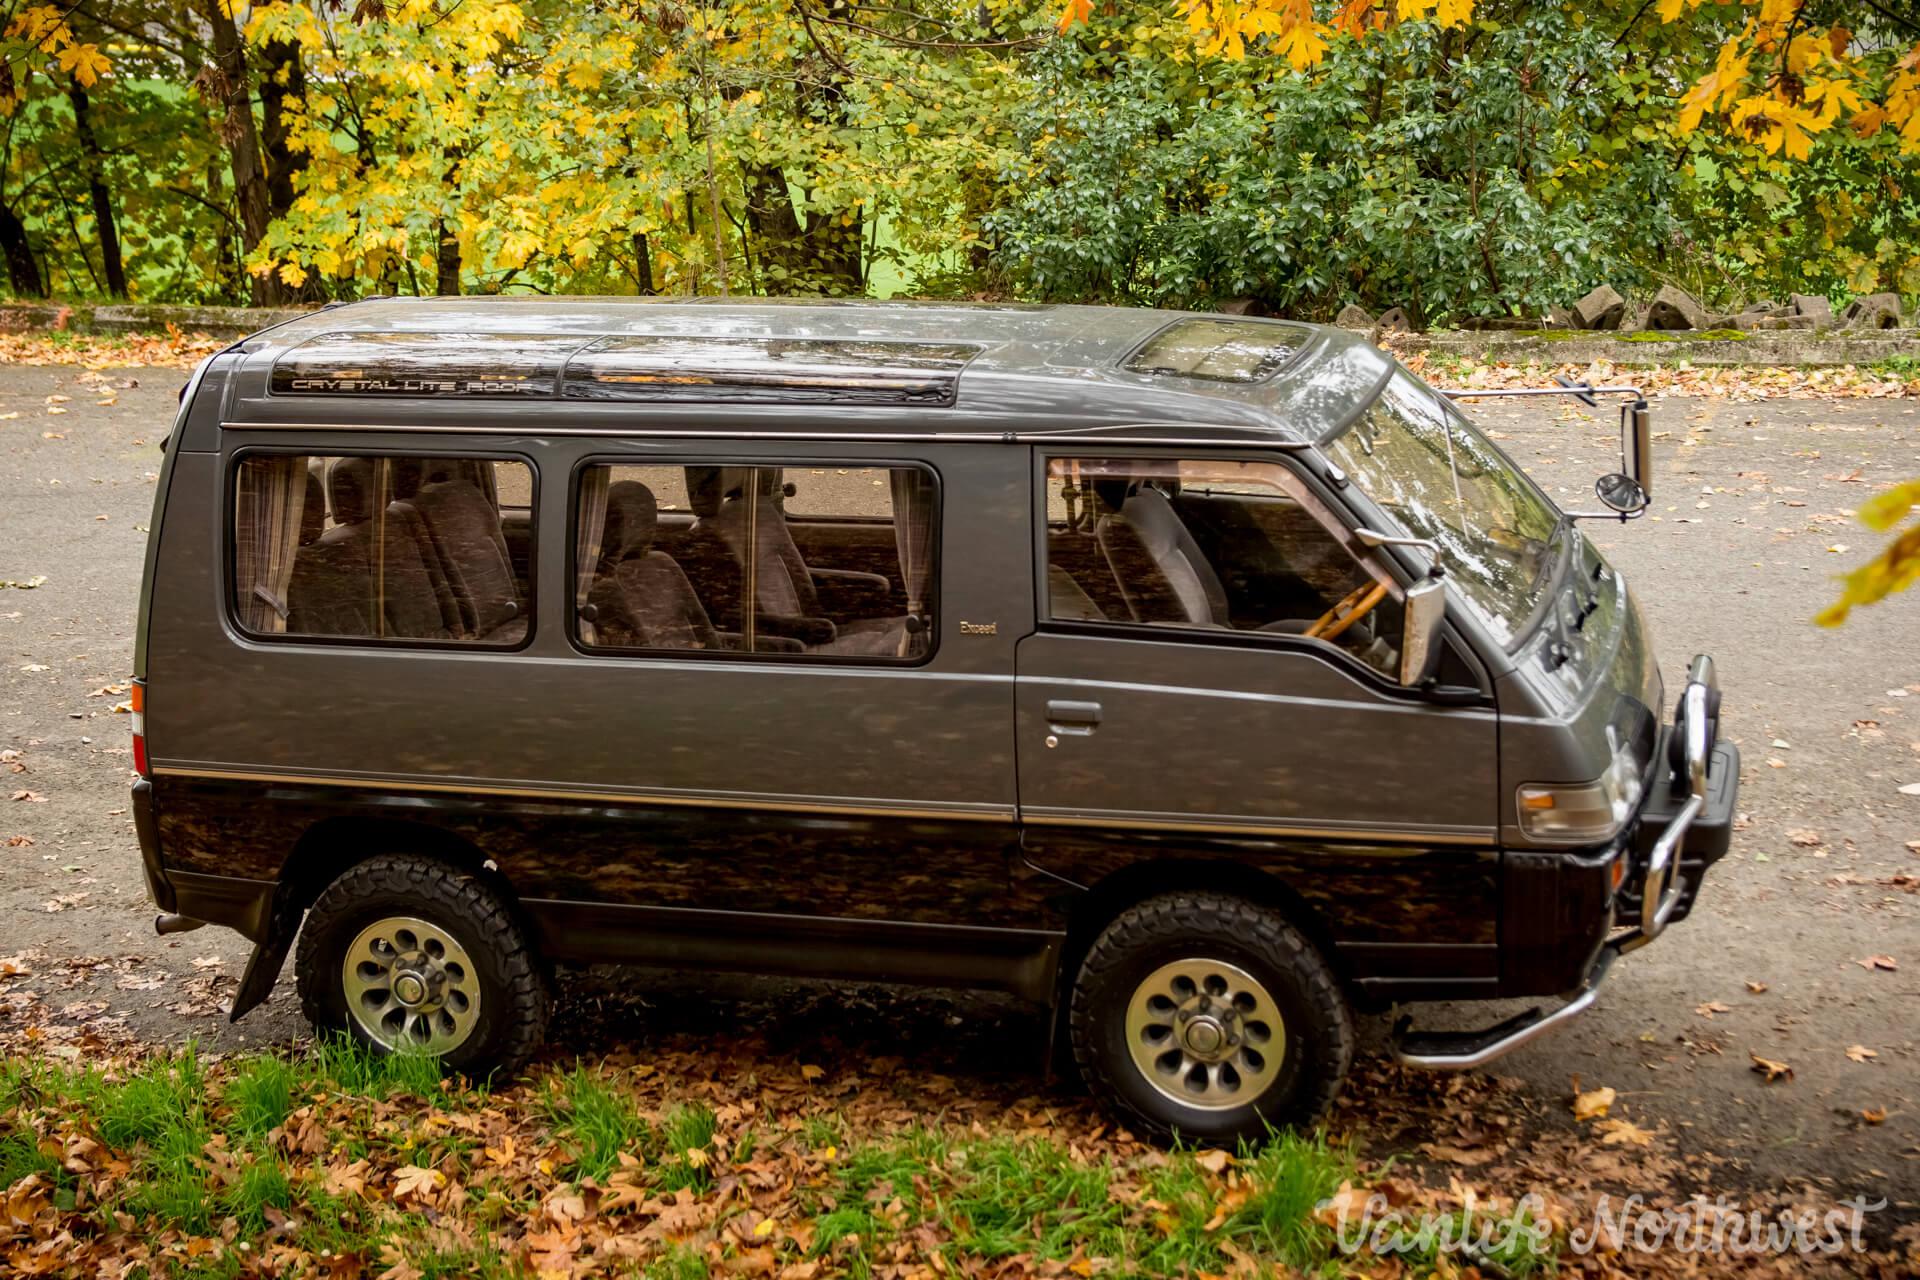 1993MitsubishiDelicaL300GasolineManualCrystalitePaulC-12.jpg